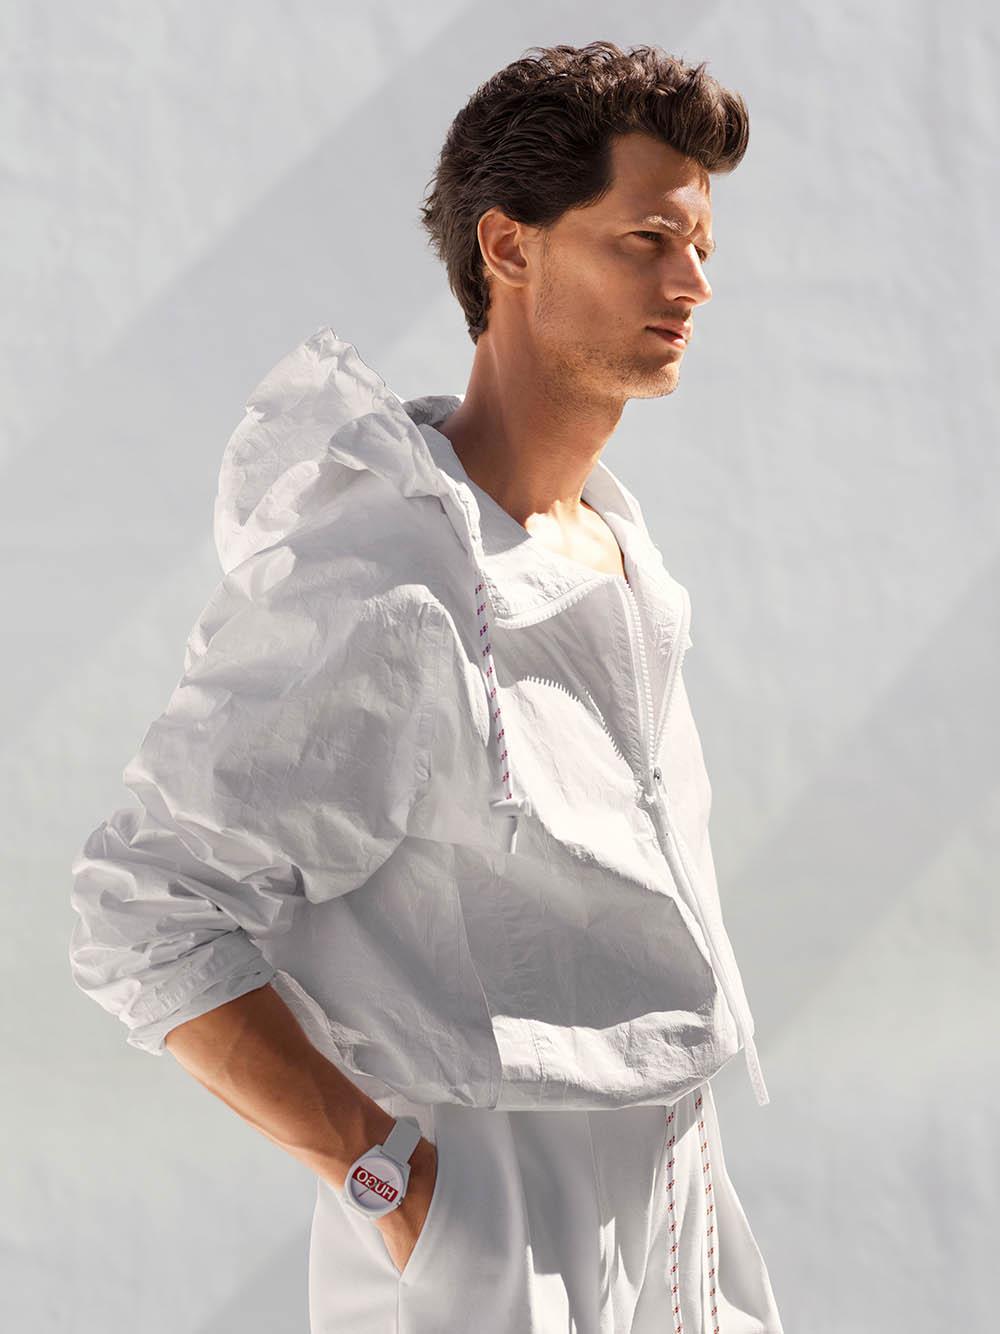 ''White Noise'' by RJ Rogenski for VMan Spring Summer 2019